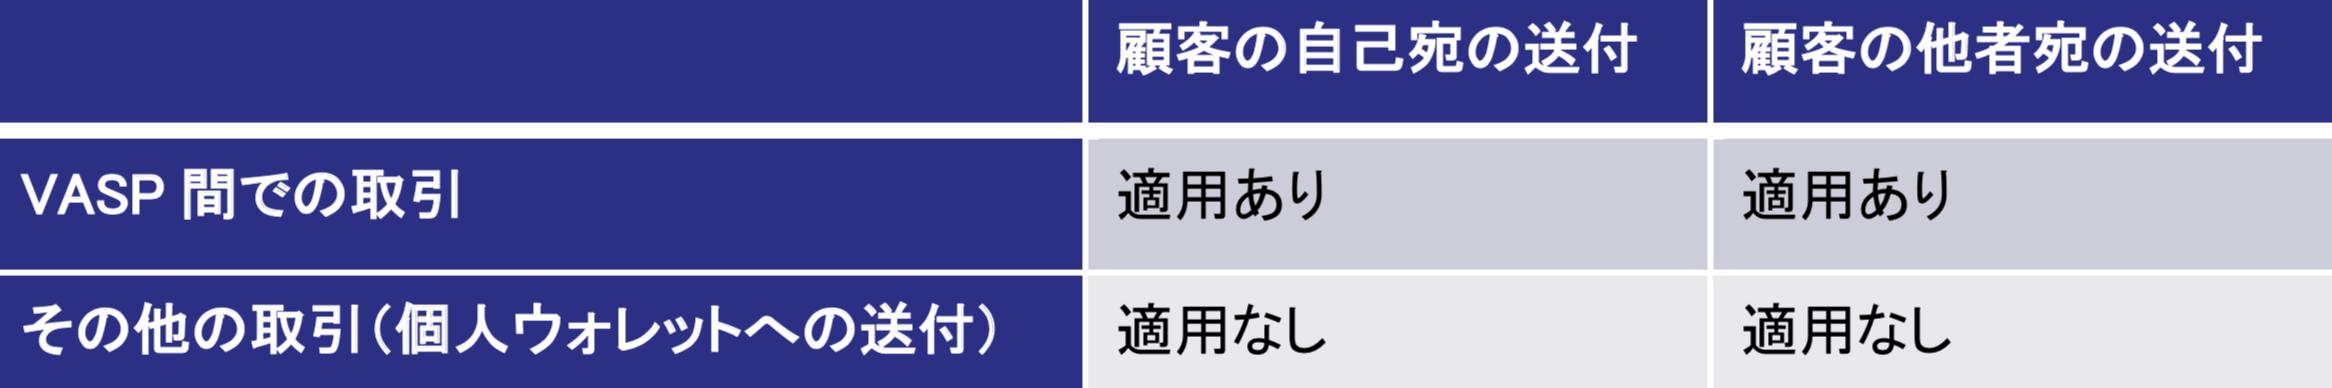 KenKawai3